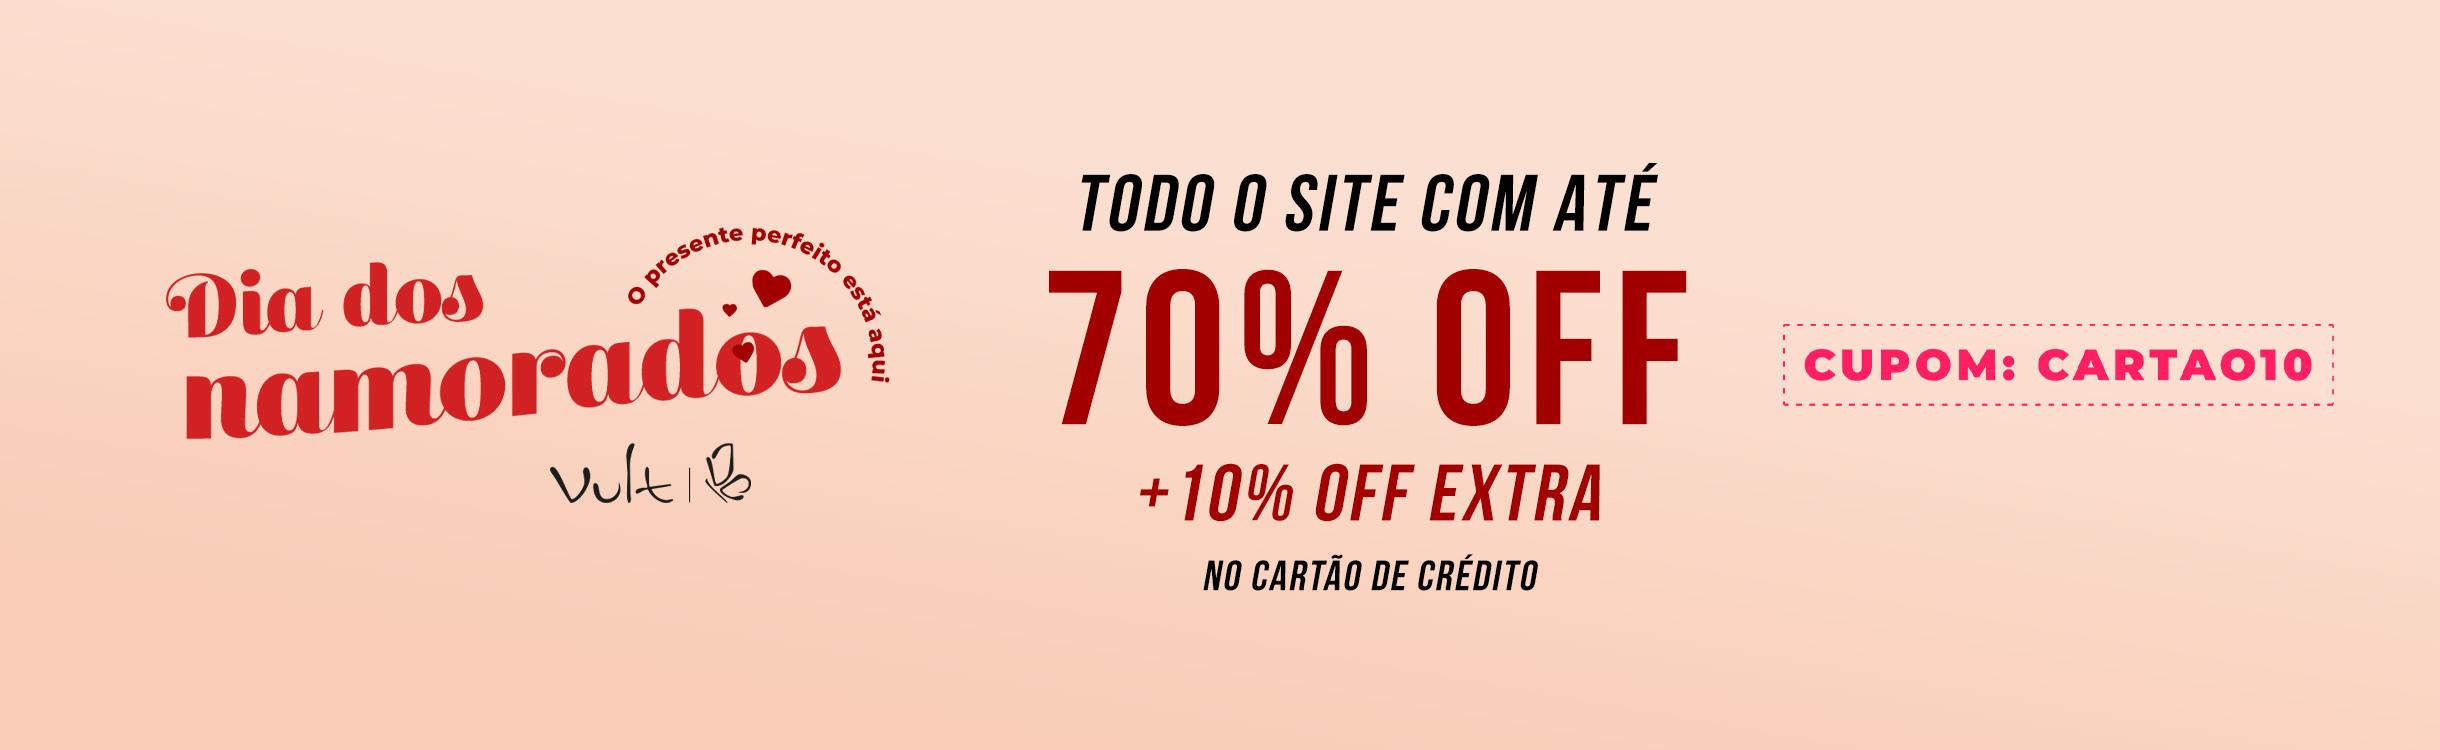 SITE TODO ATÉ 70% OFF + 10% OFF EXTRA